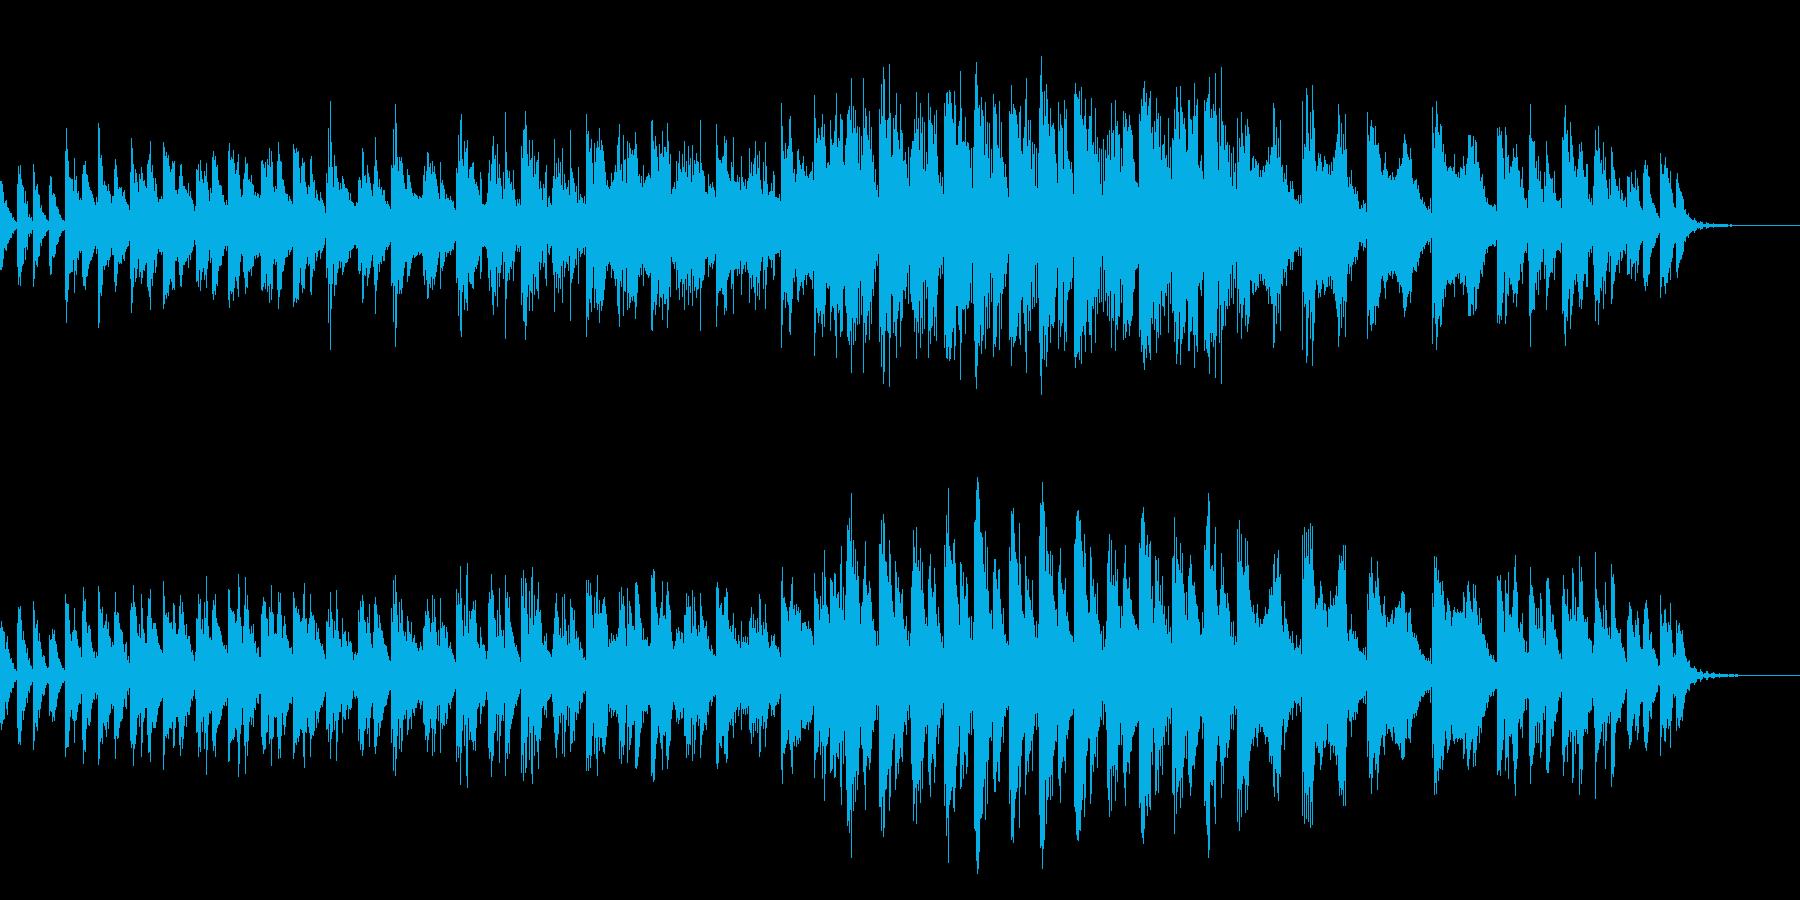 推理モノのBGMの再生済みの波形